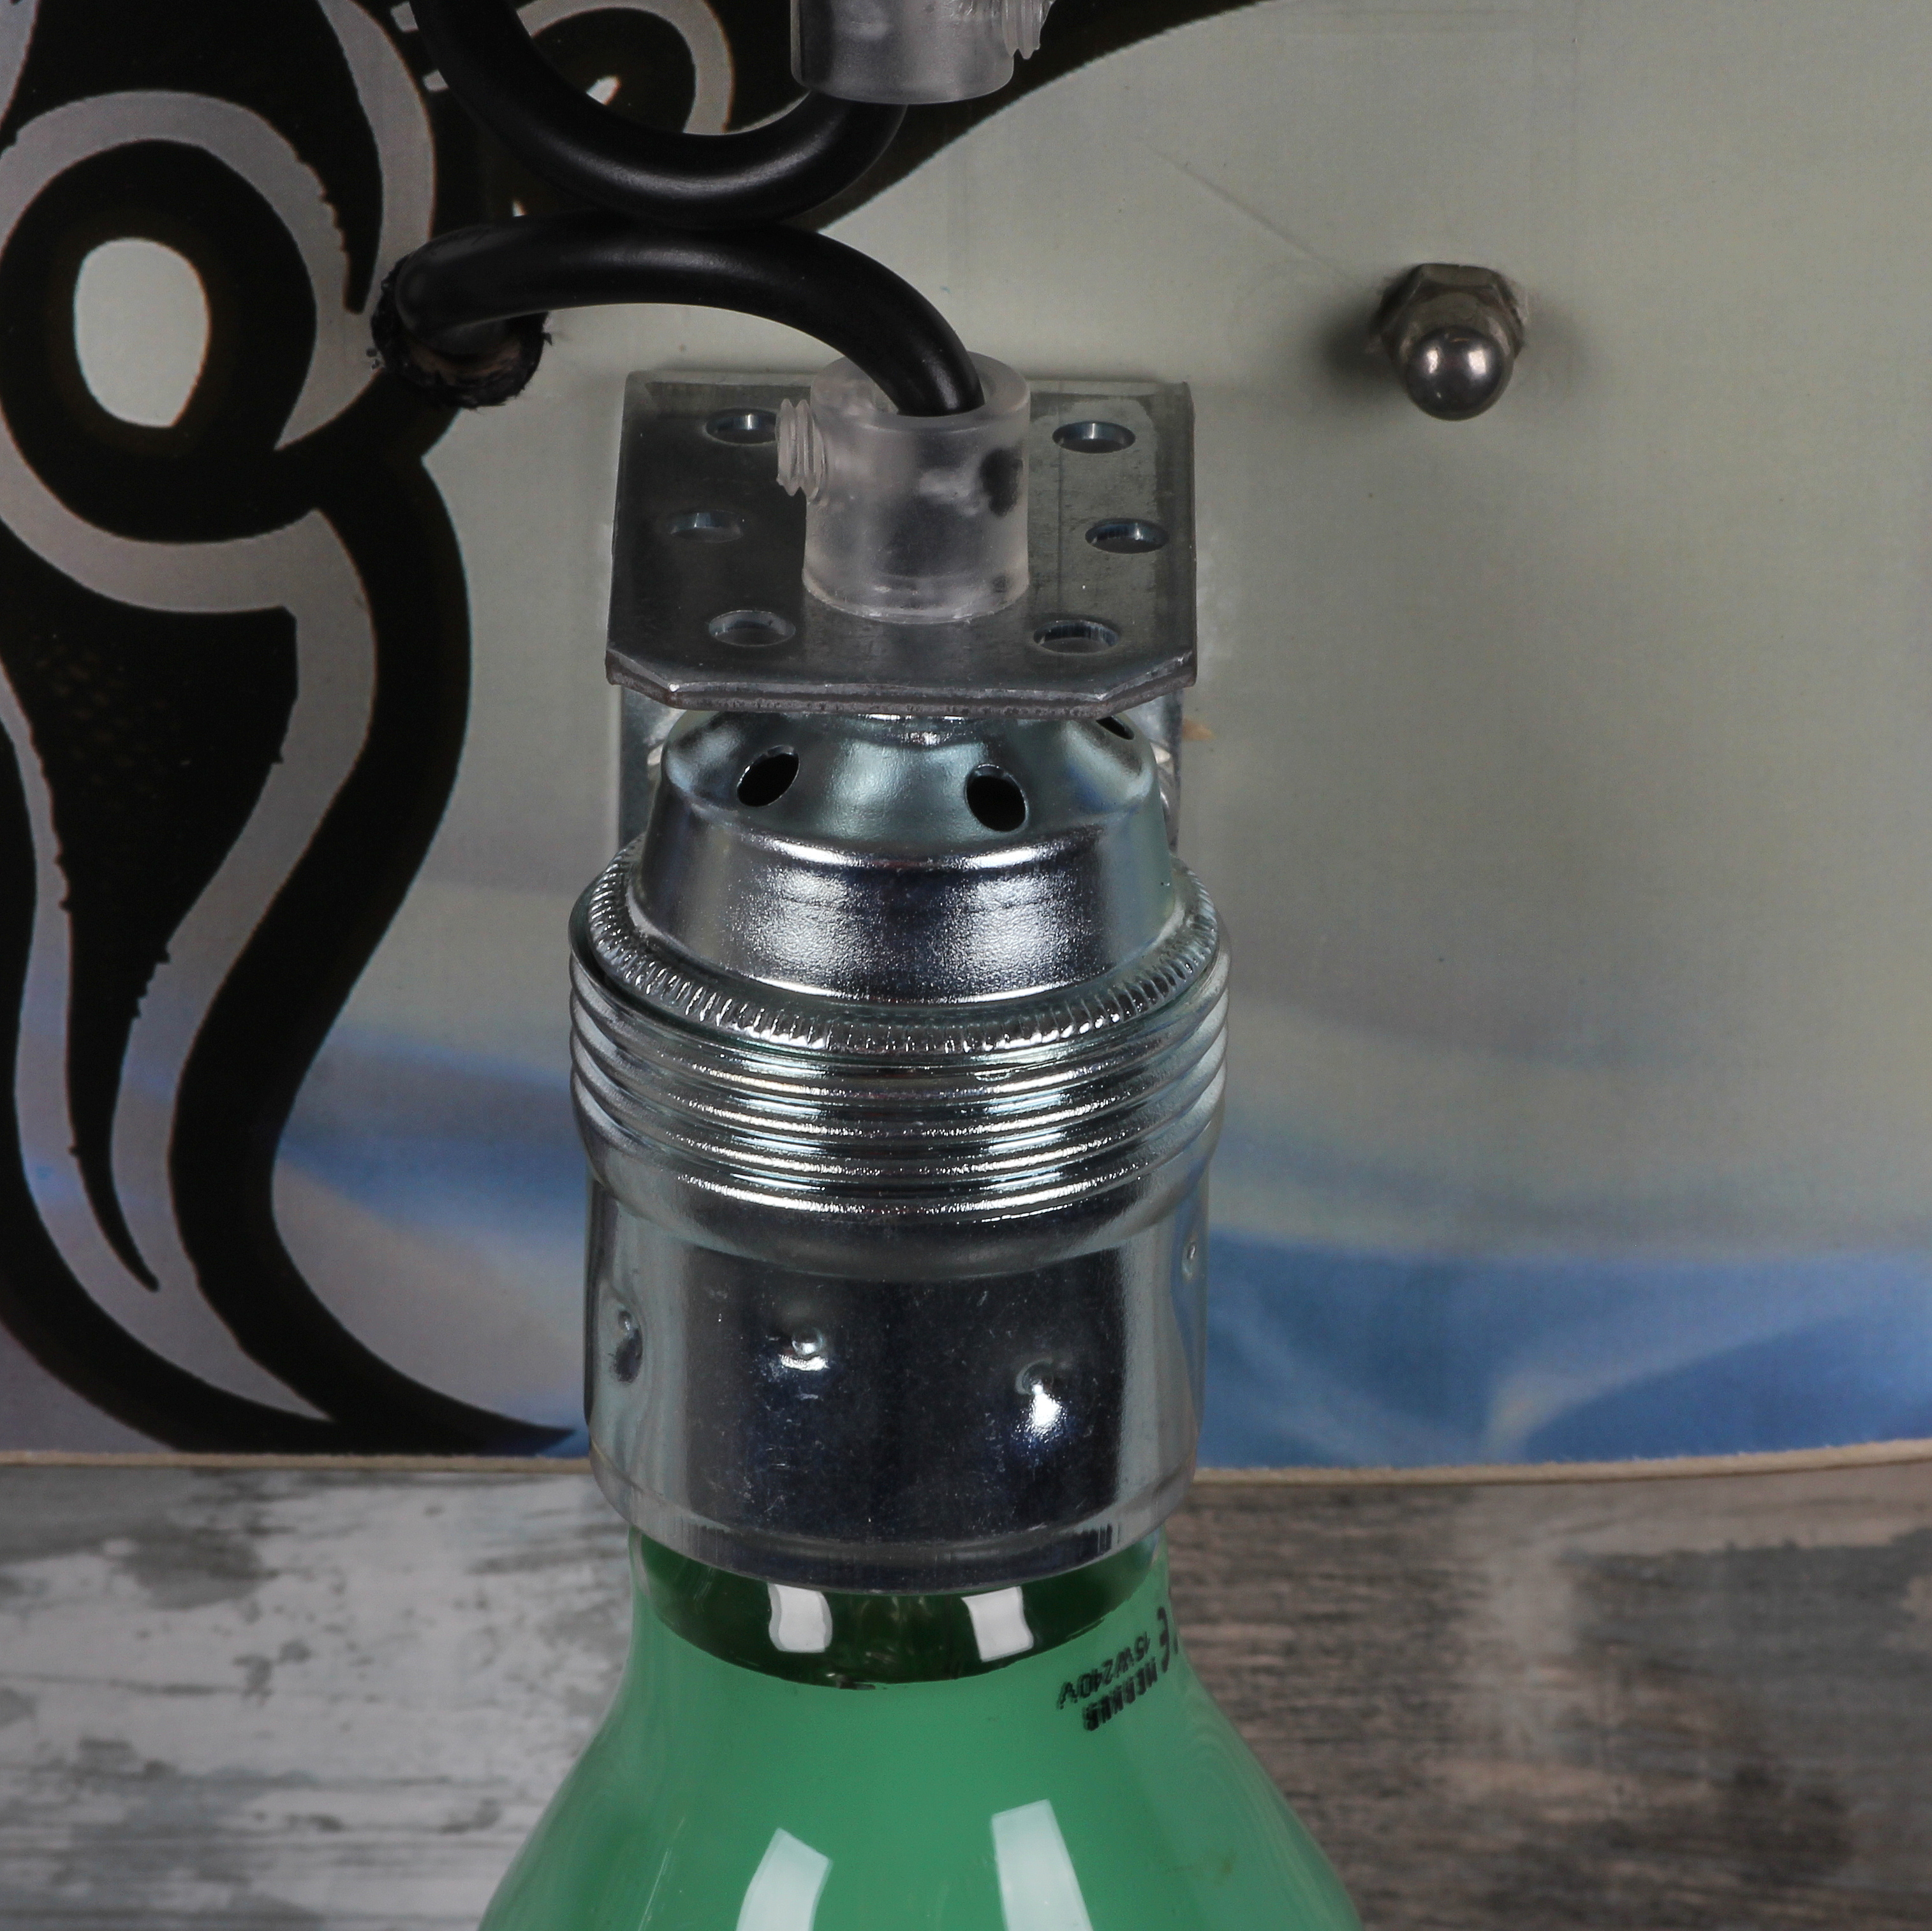 skatebard lampe selber bauen mit e27 fassung und zugentlaster 1 radio k lsch hamburg. Black Bedroom Furniture Sets. Home Design Ideas